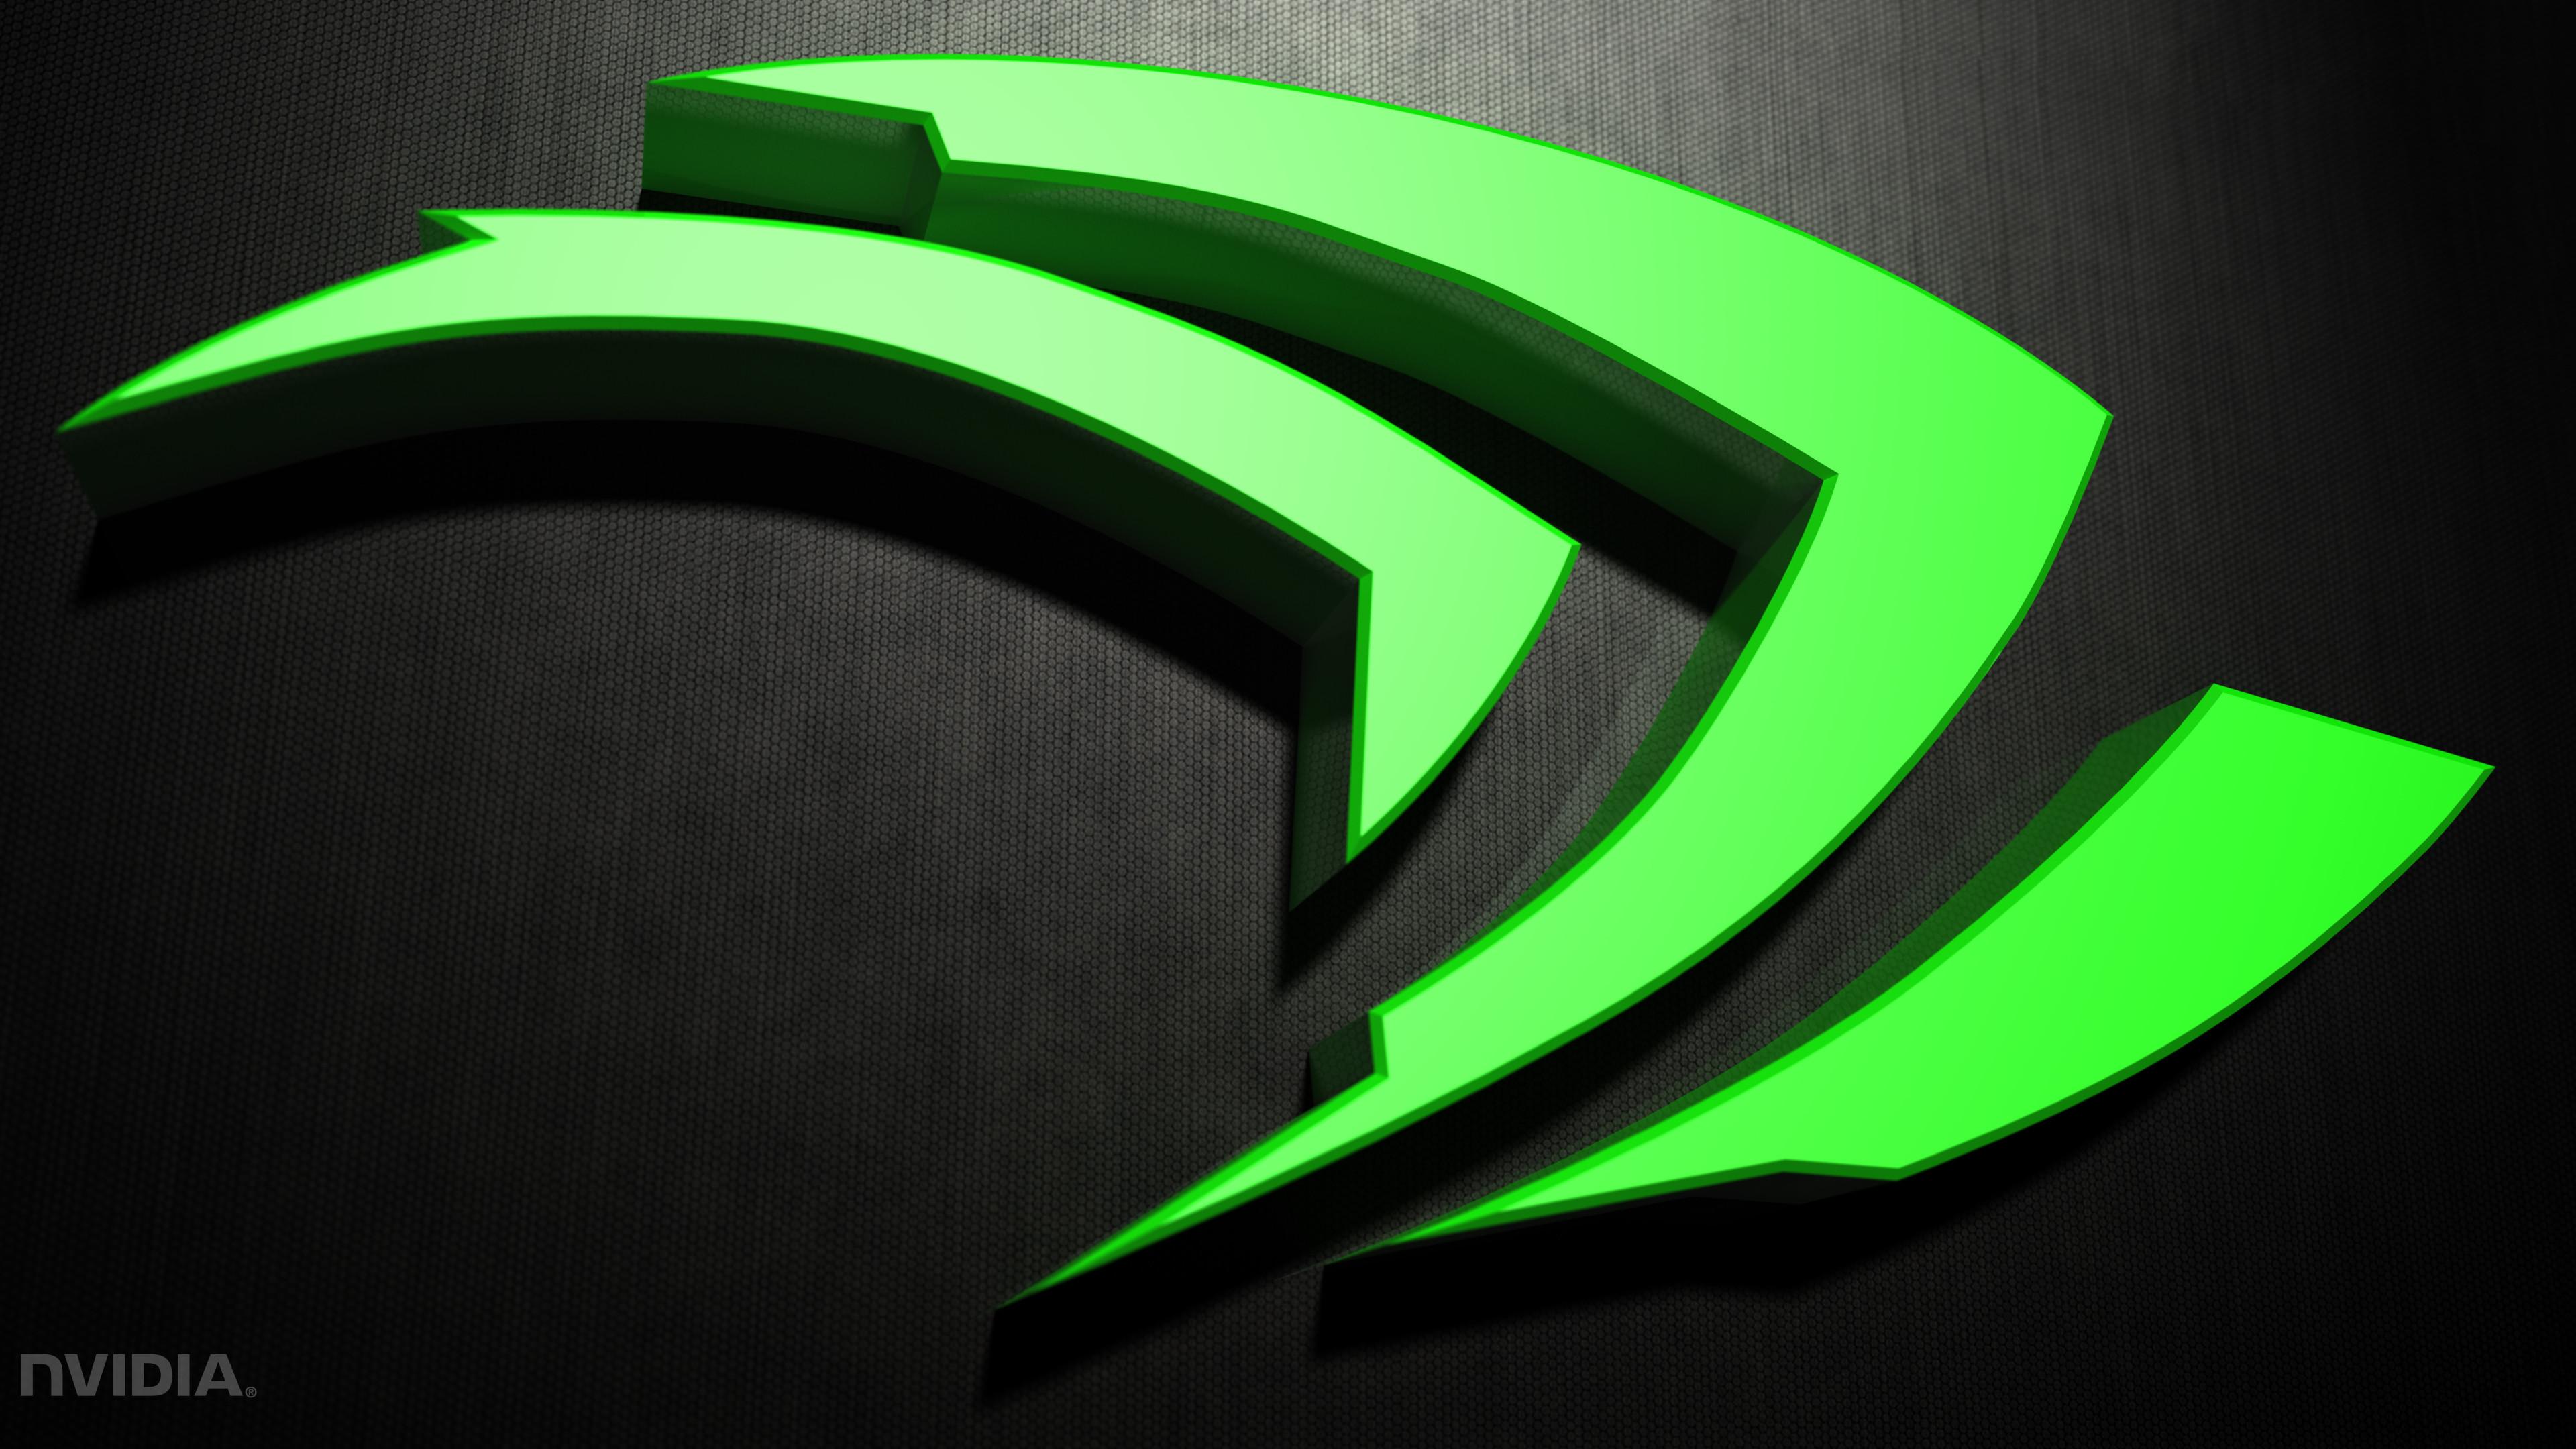 Technology – Nvidia Texture Dark 3D Green Logo Wallpaper